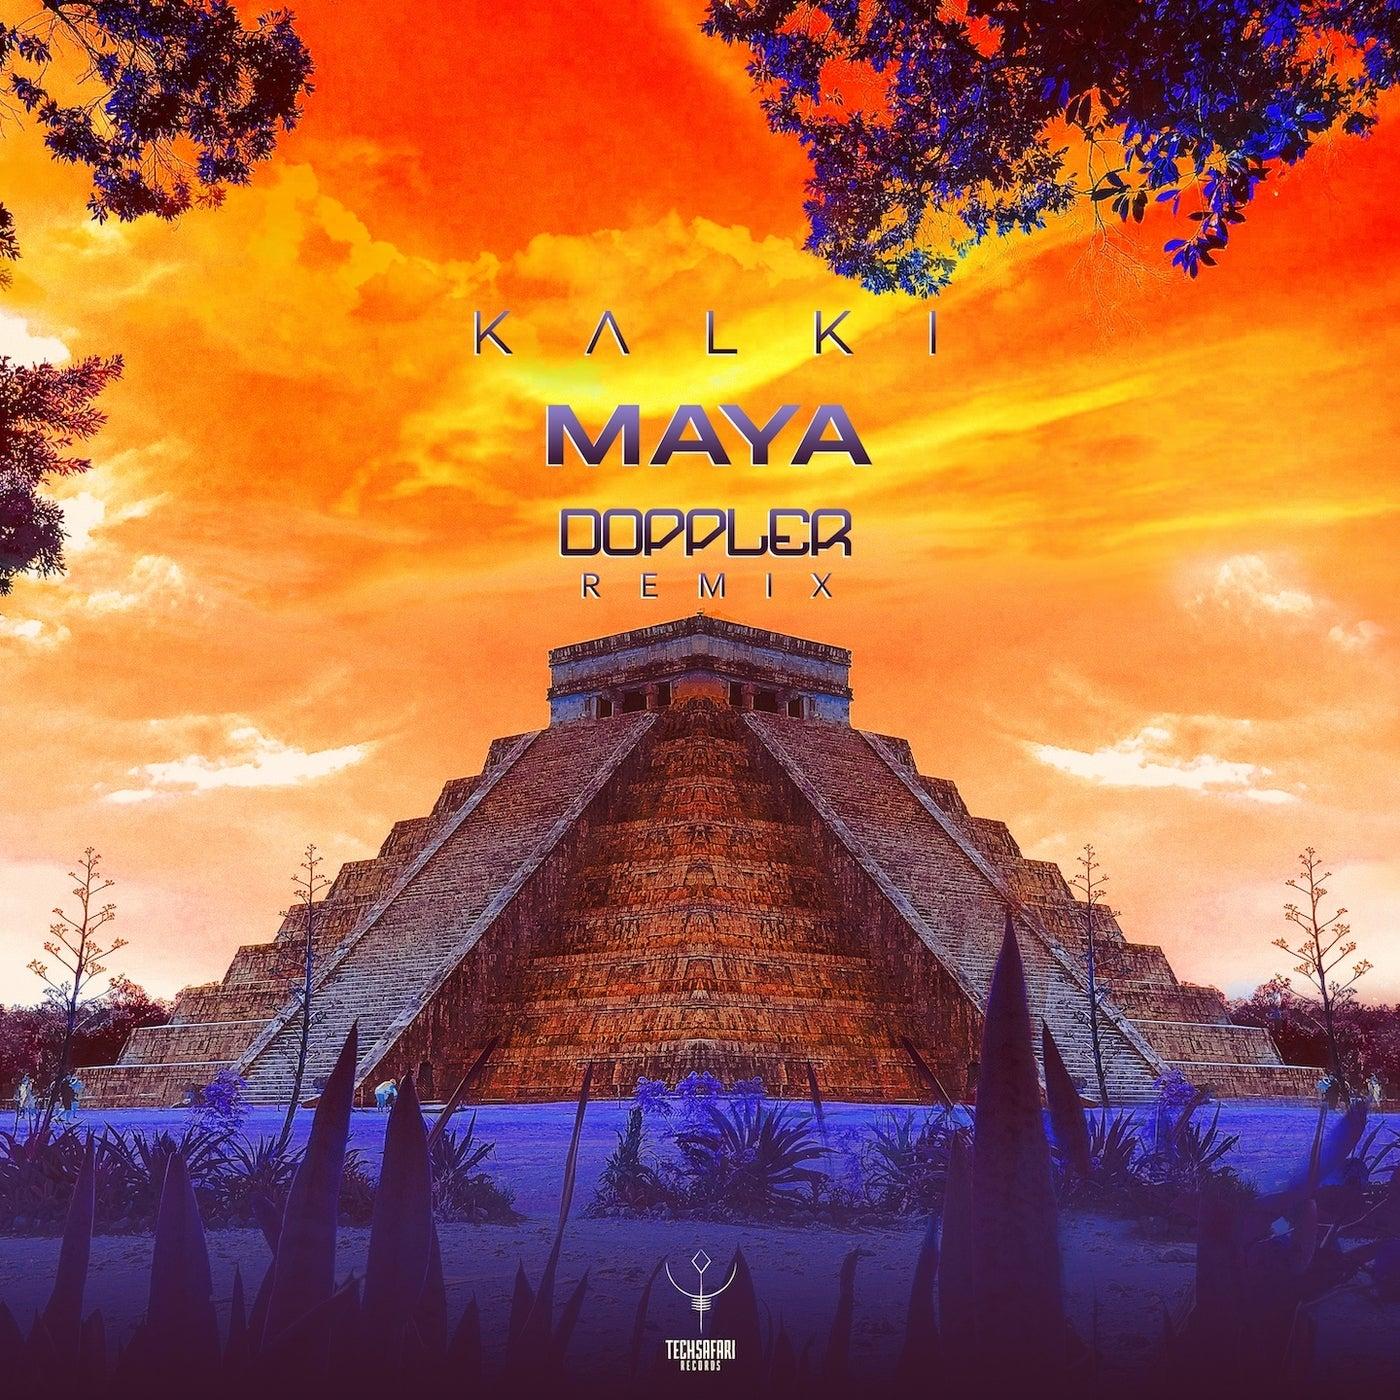 Maya (Doppler Remix)